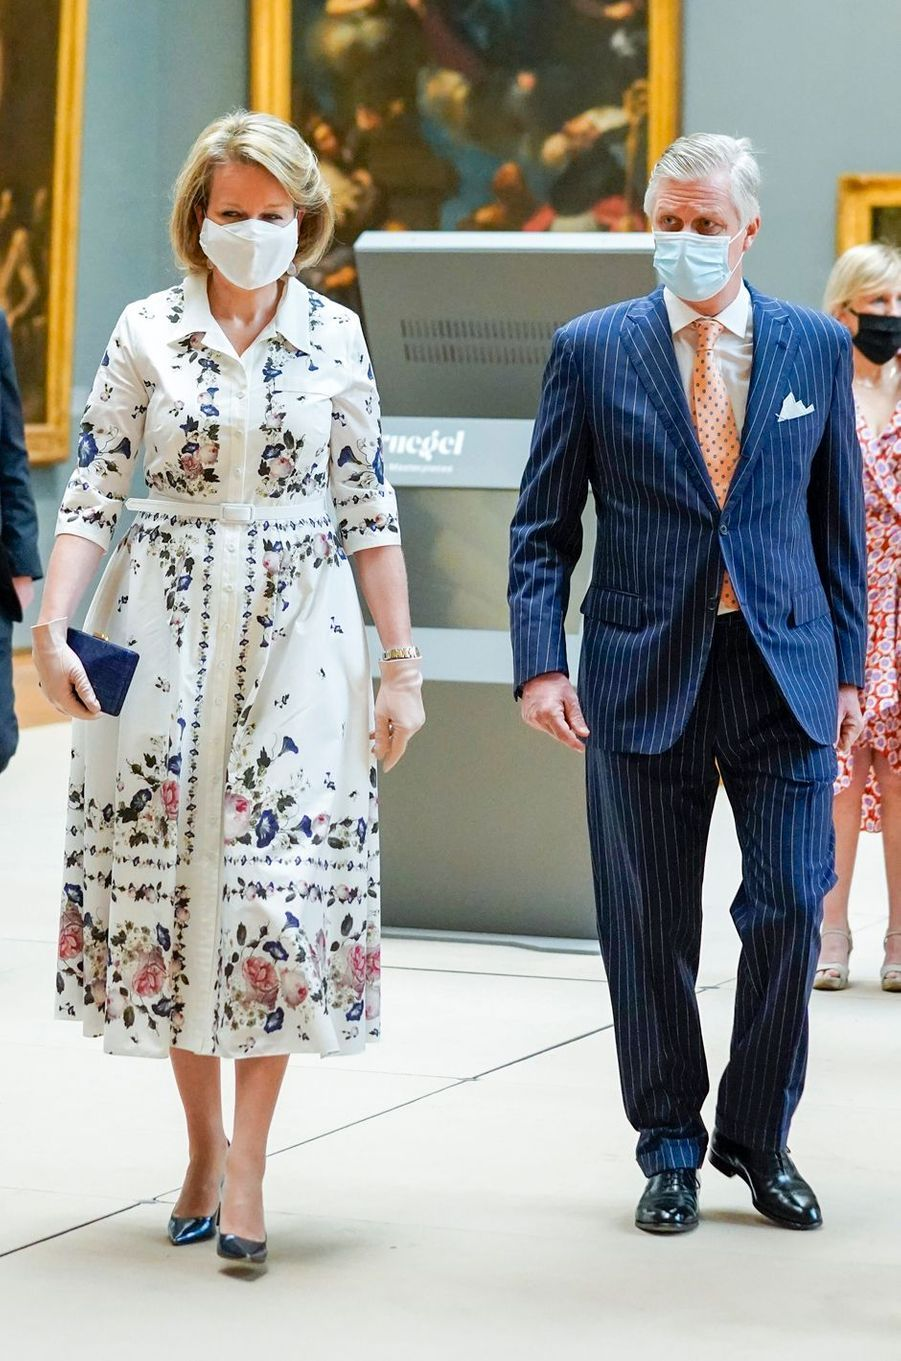 La reine Mathilde, en Erdem, et le roi des Belges Philippe au Musée Old Masters à Bruxelles, le 19 mai 2020